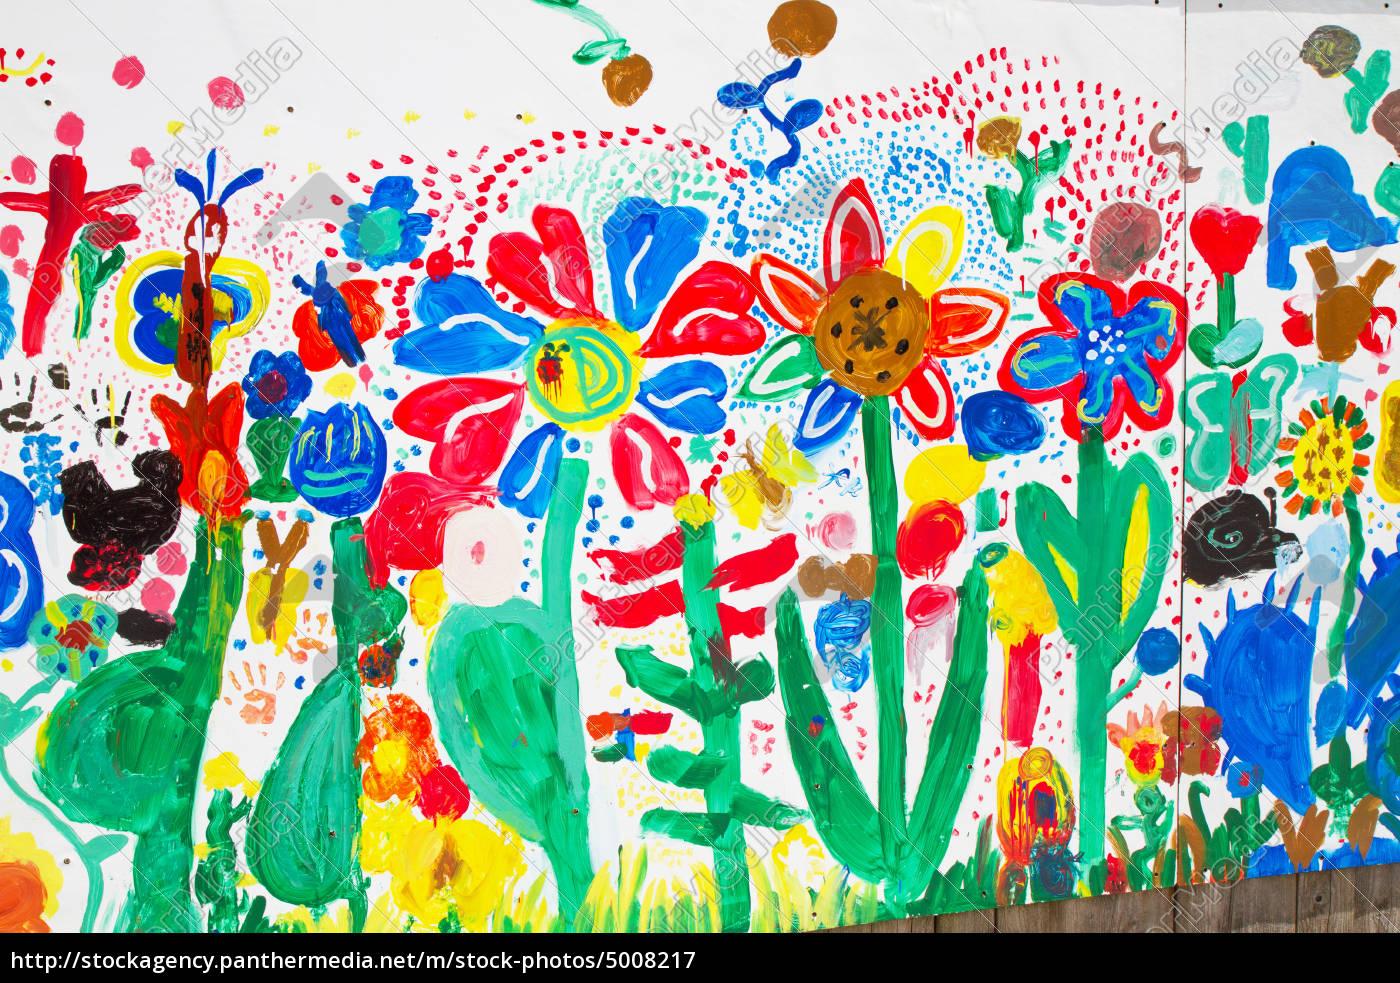 von kindern bemalte wand - lizenzfreies bild - #5008217